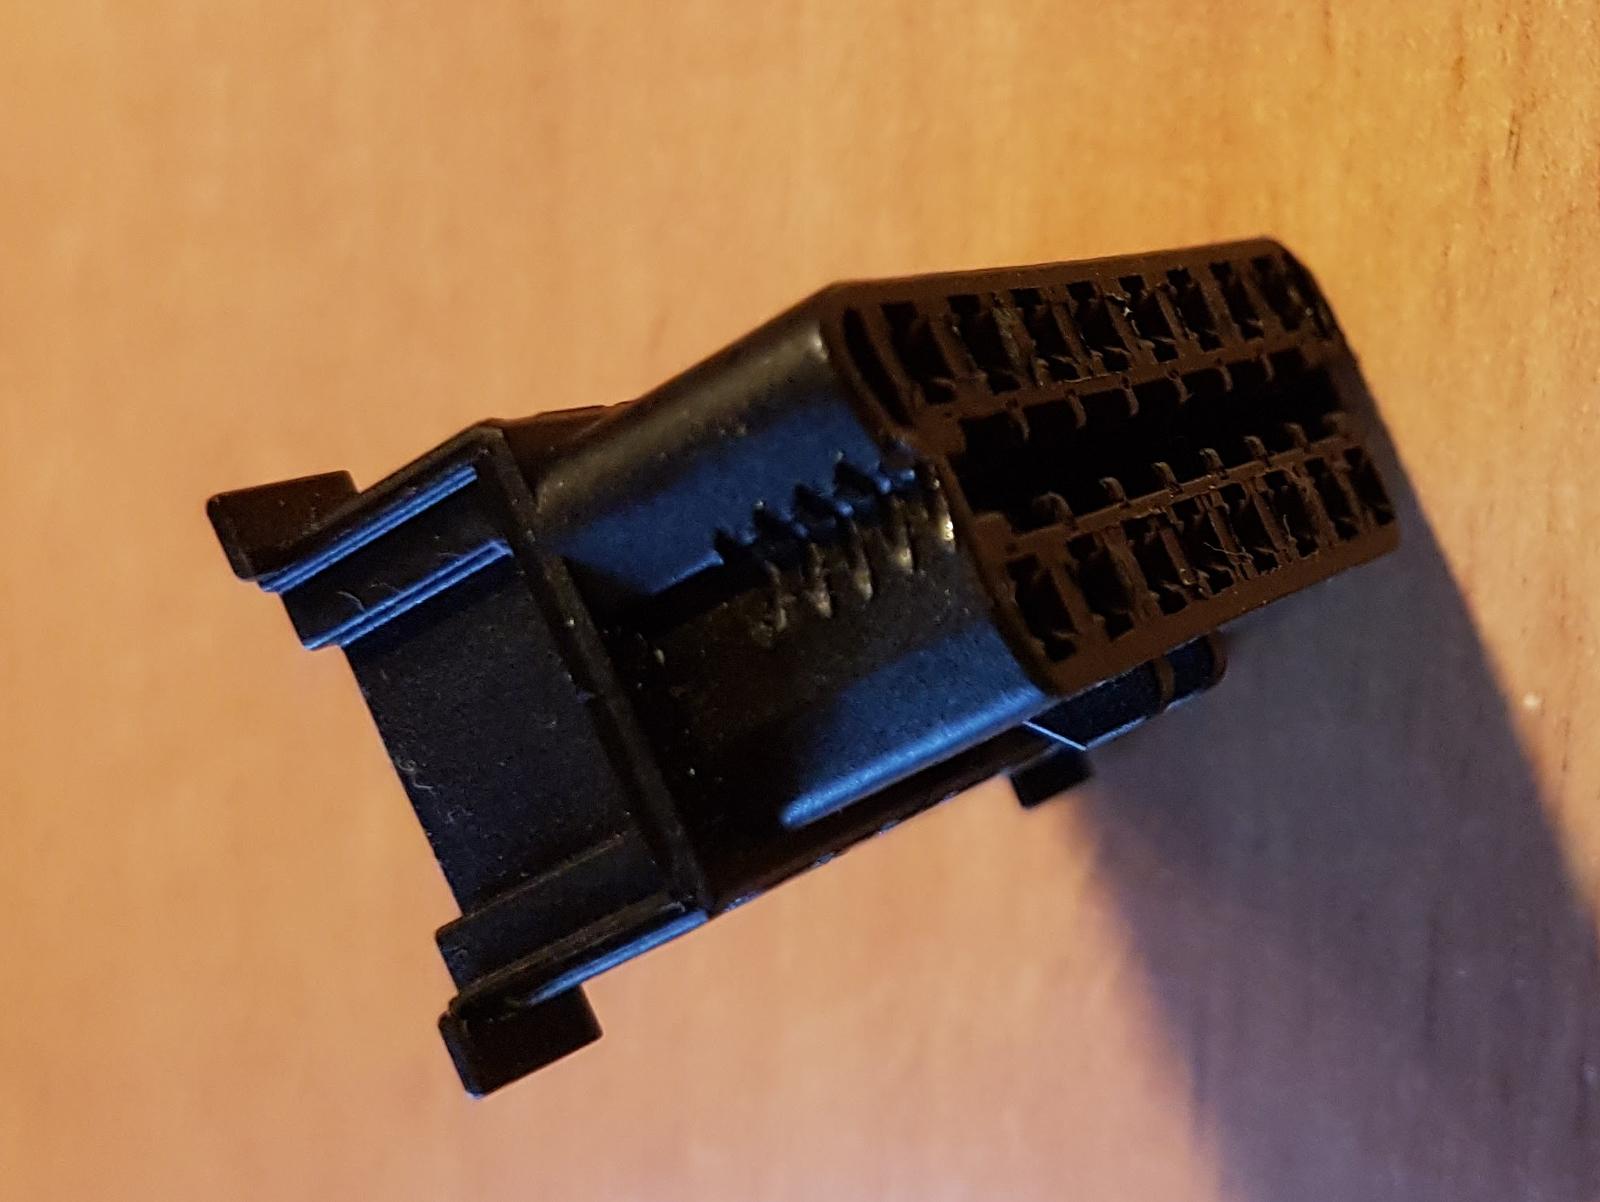 fahrzeug diebstahlschutz der obd saver von ok computer im detail matsch piste. Black Bedroom Furniture Sets. Home Design Ideas